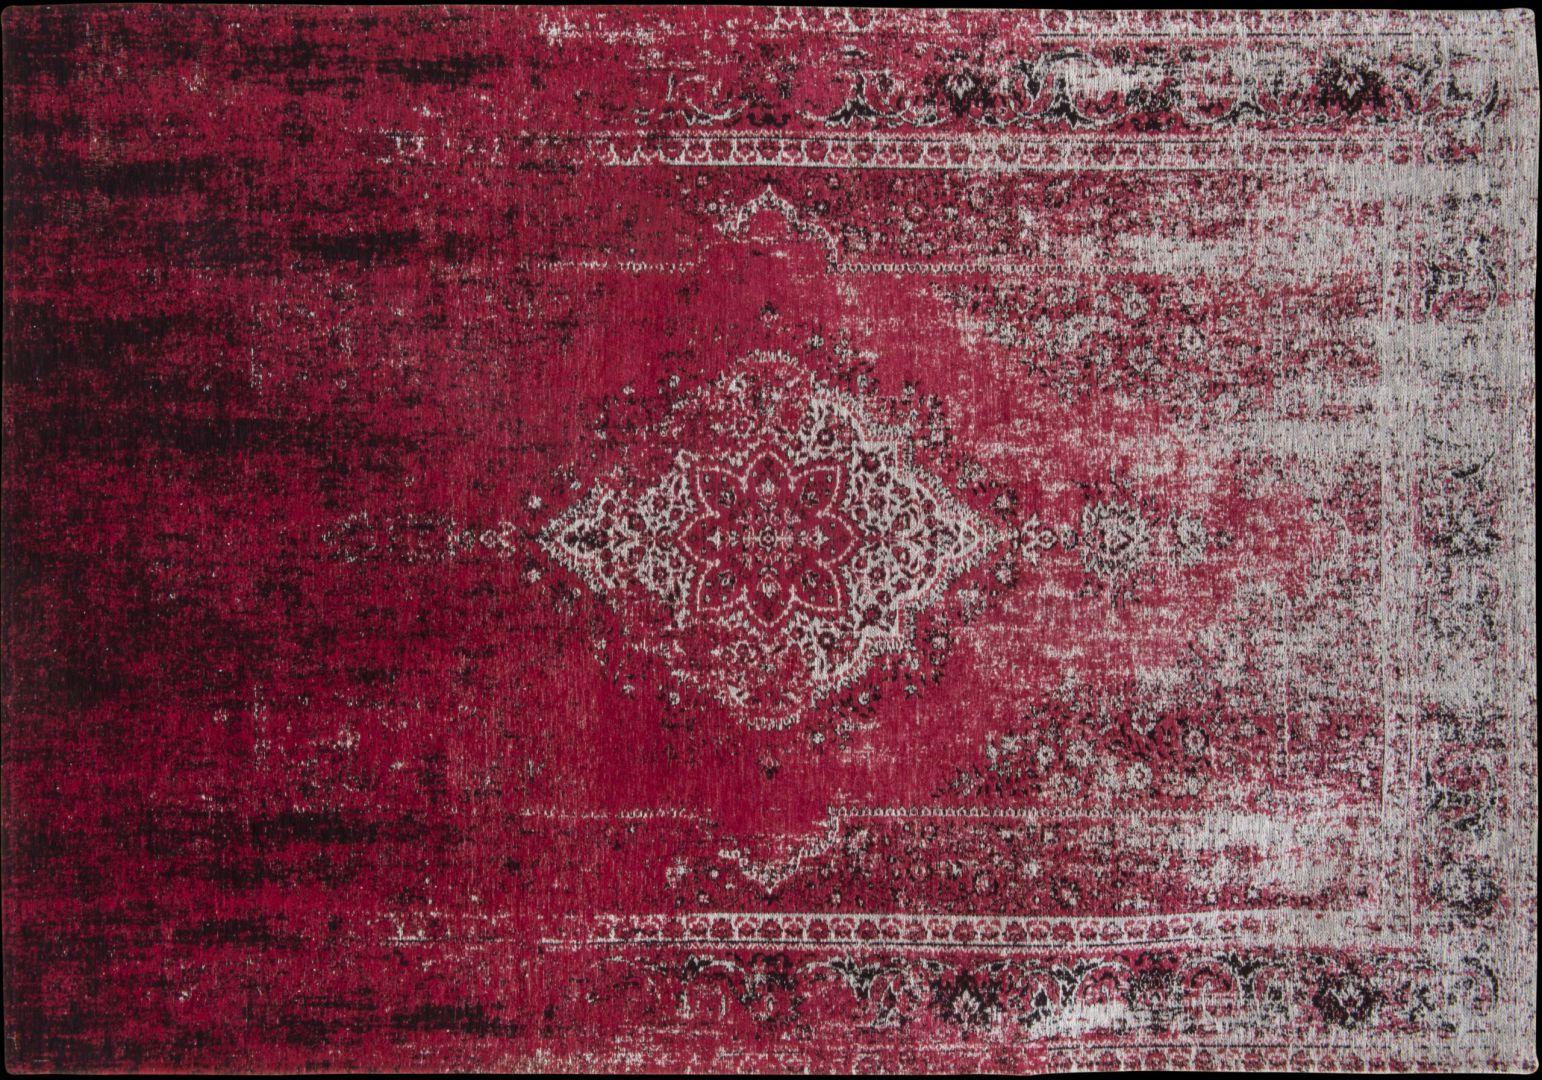 Dywan naturalny ORIENT w kolorze czerwonym; poddany procesowi szlachetnego postarzenia, by uzyskać efekt Modern Vintage. Fot. Louis De Poortere